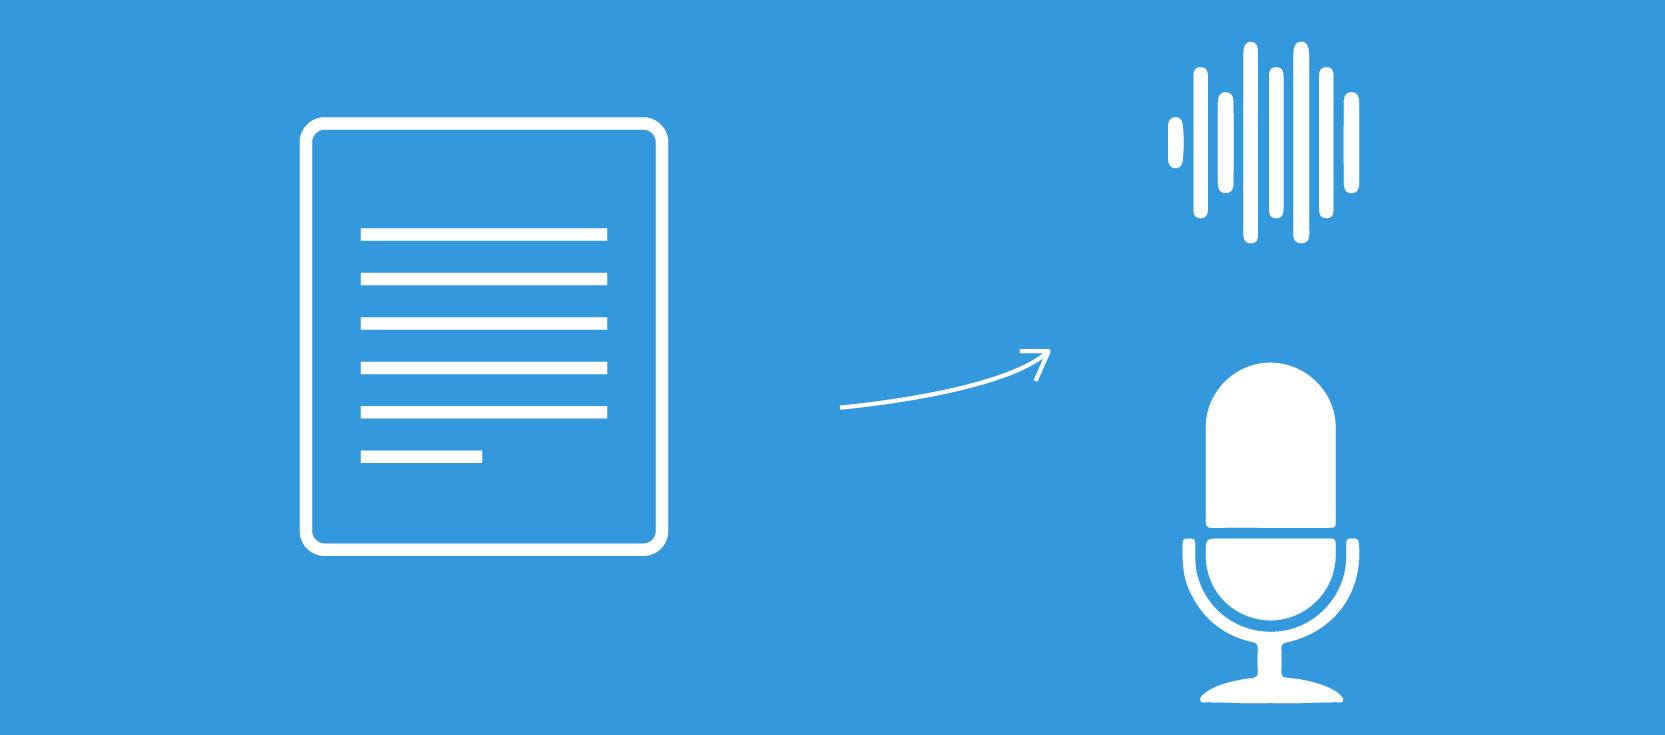 10 ứng dụng chuyển văn bản thành giọng nói tốt nhất cho bạn 1